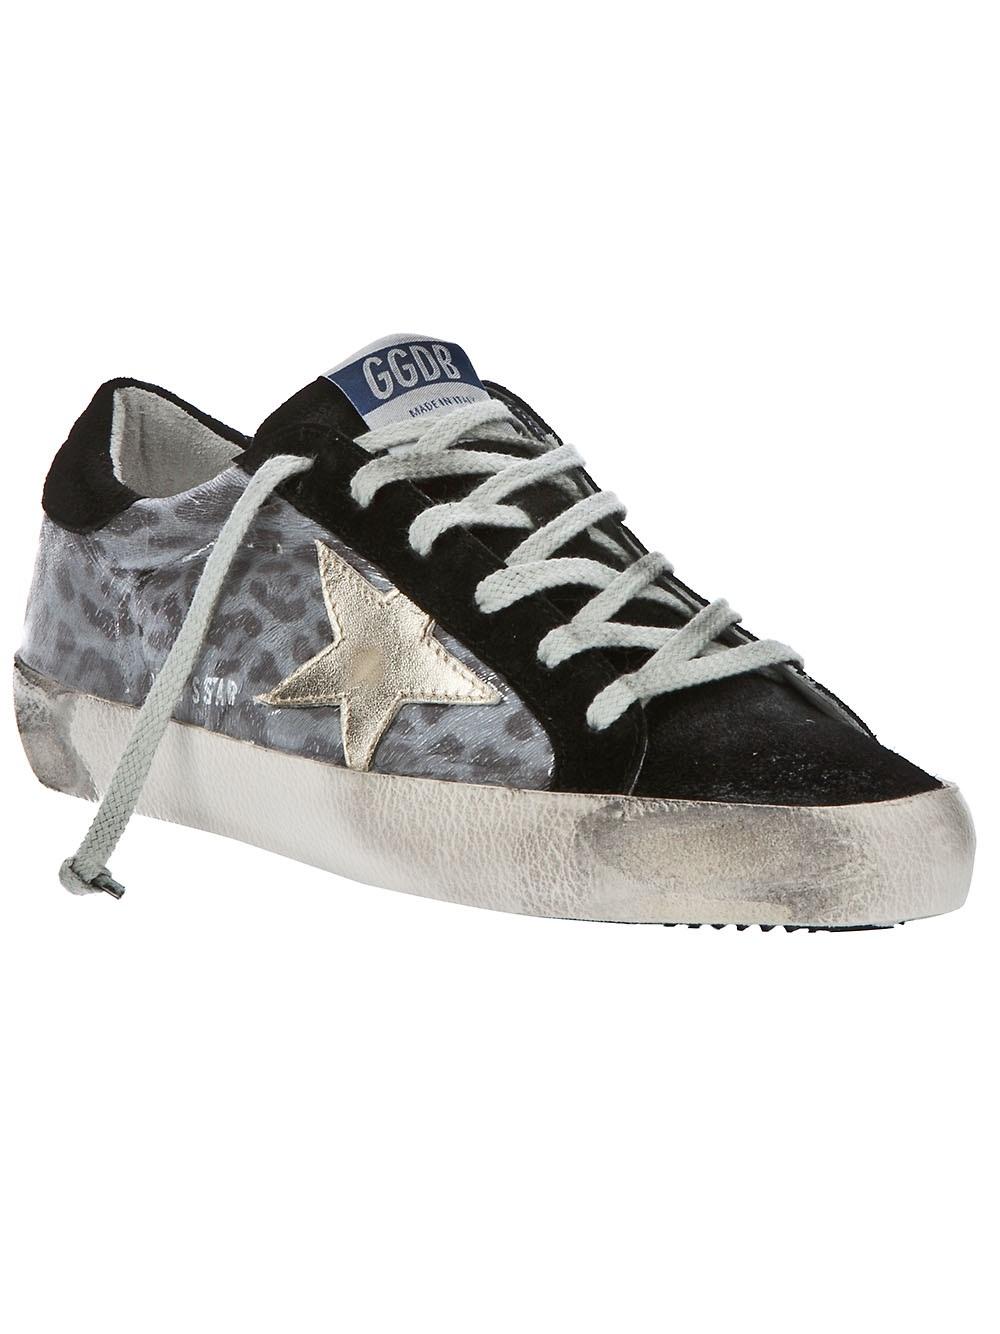 Golden Goose Deluxe Brand Leopard Print Sneaker In Gray Lyst